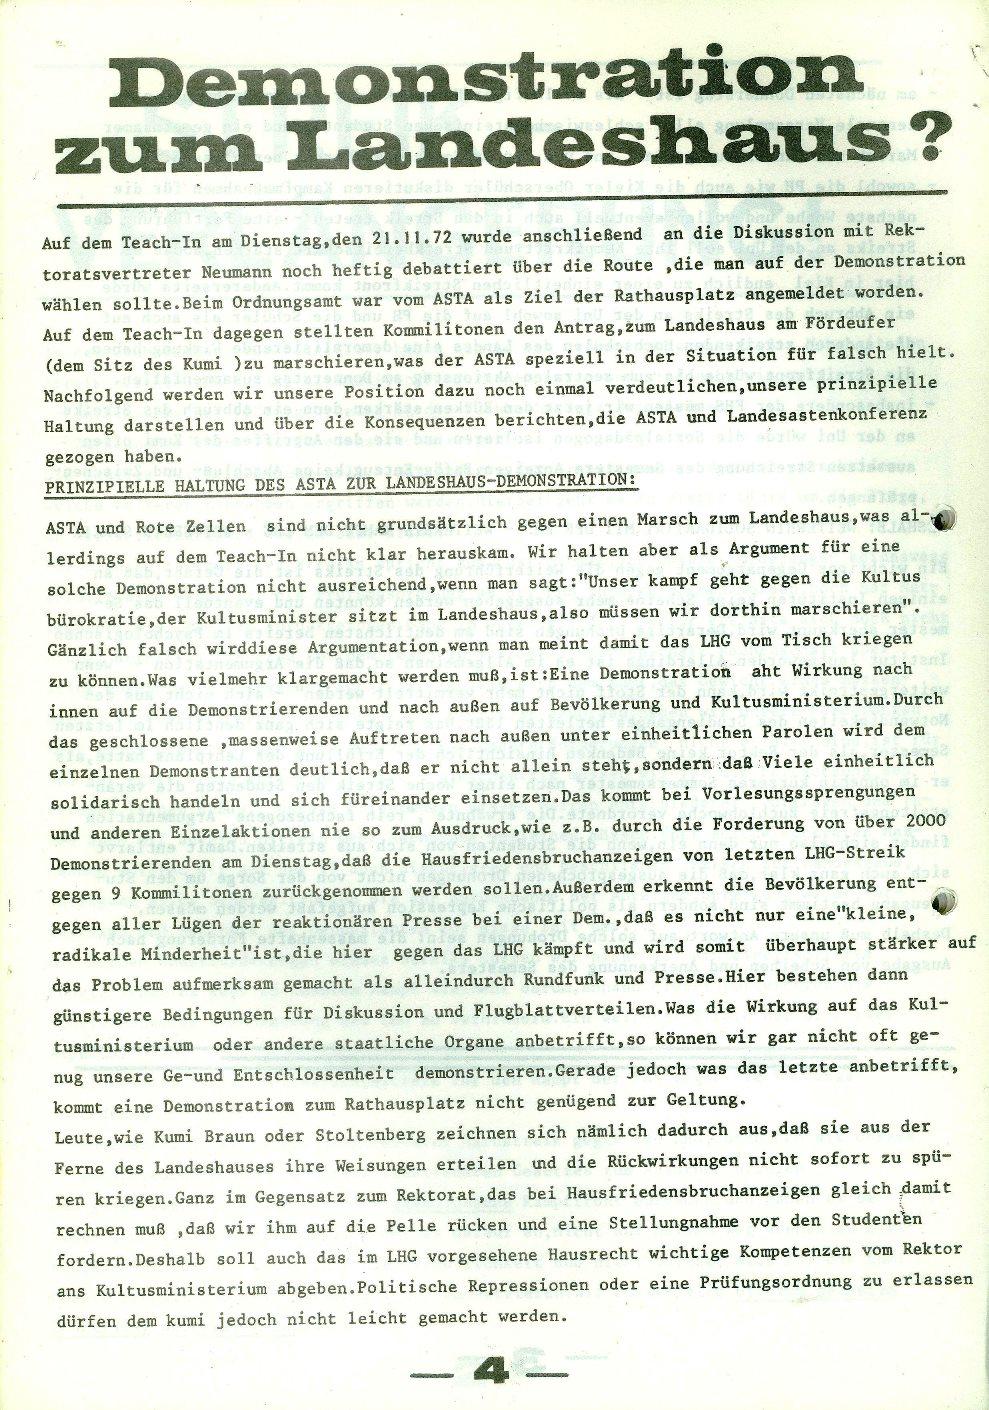 Kiel_Uni477